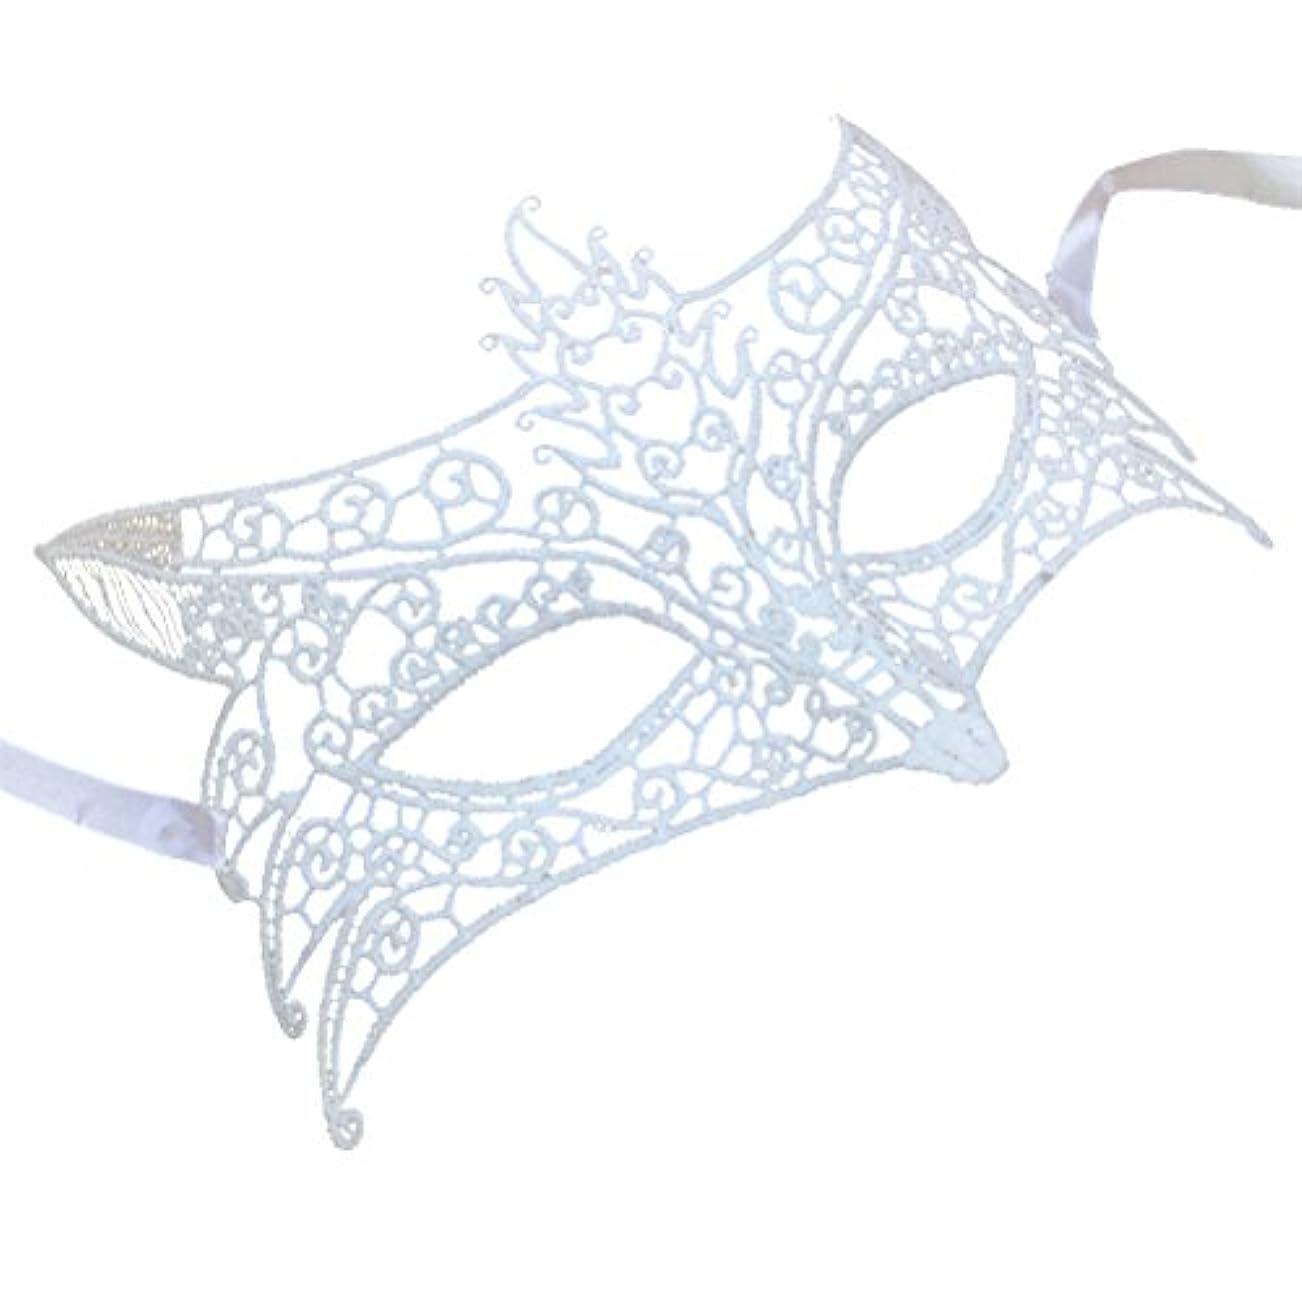 塗抹マスク凶暴なAMOSFUN キツネの形をしたレースパーティーマスクイブニングパーティーウエディングマスカレードマスク(ホワイト)